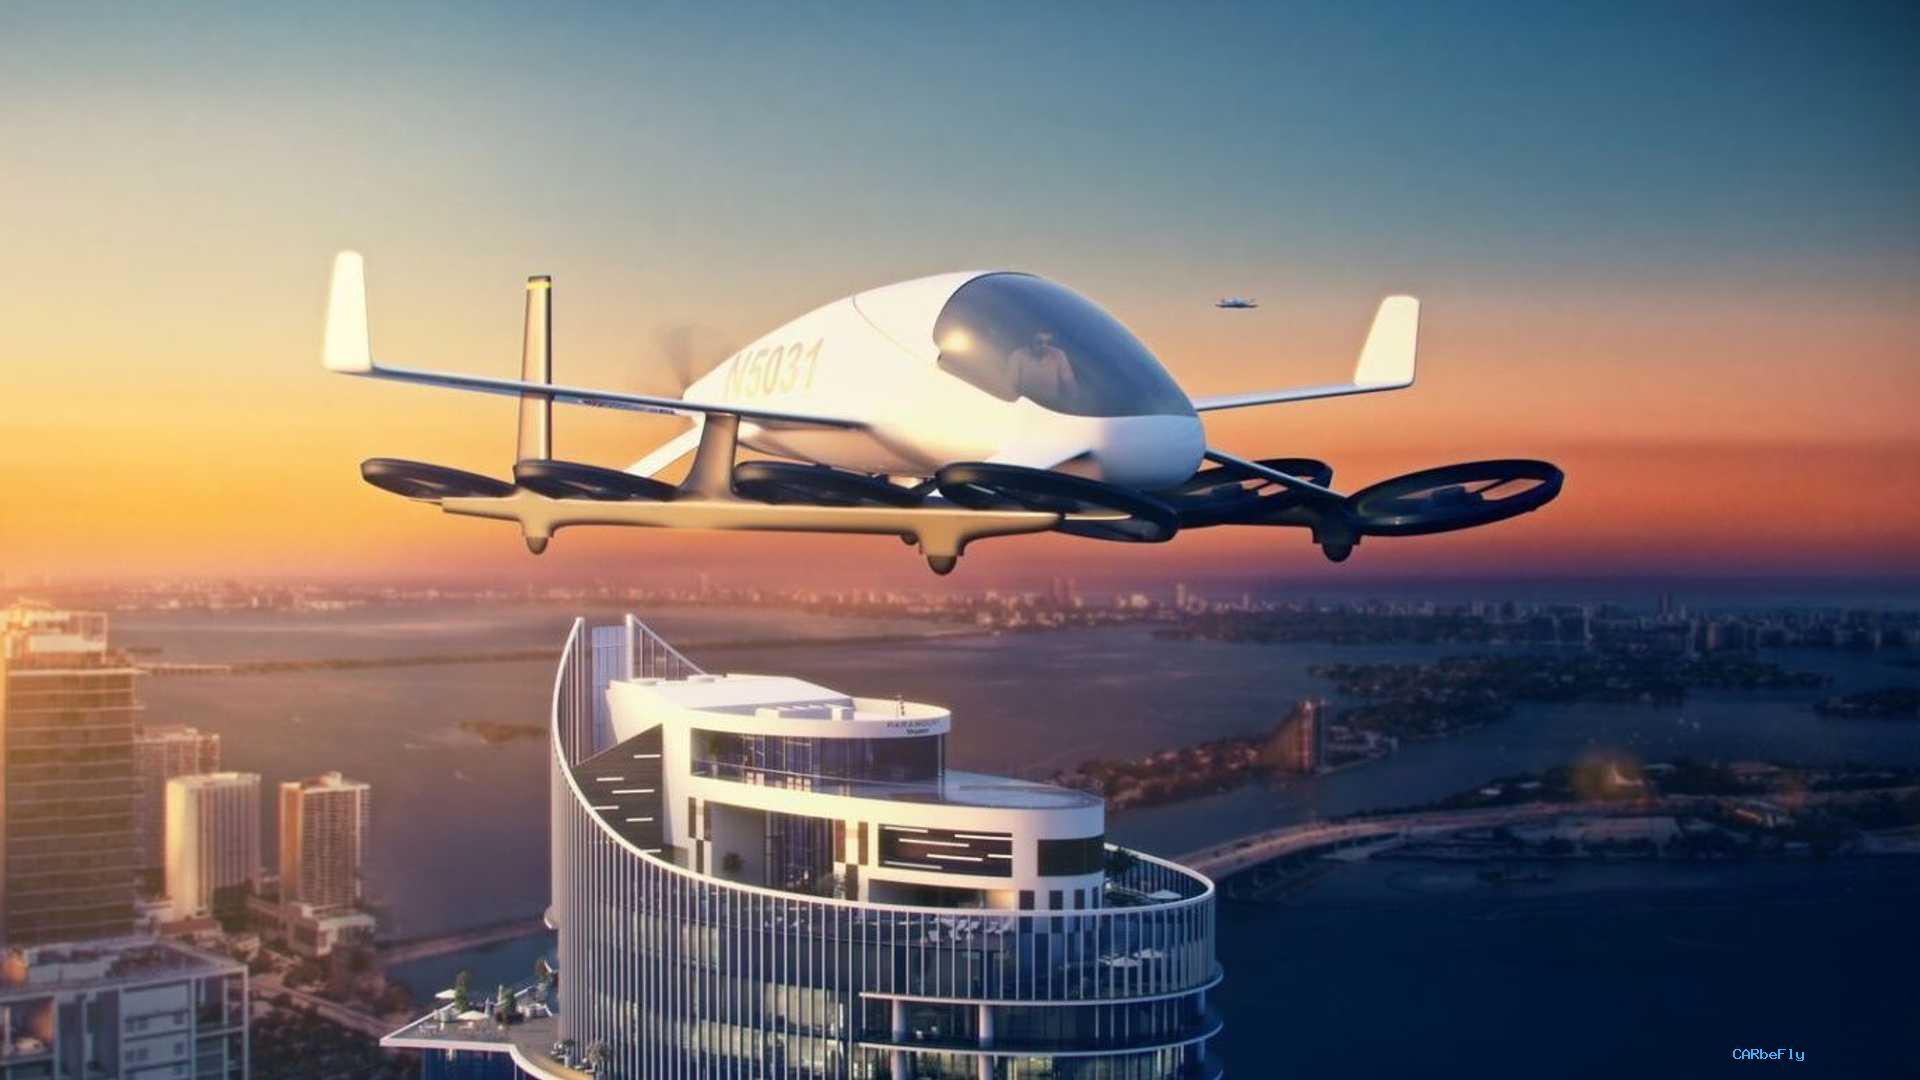 美国摩天大楼将为飞行汽车提供空中甲板,迎接未来主义!